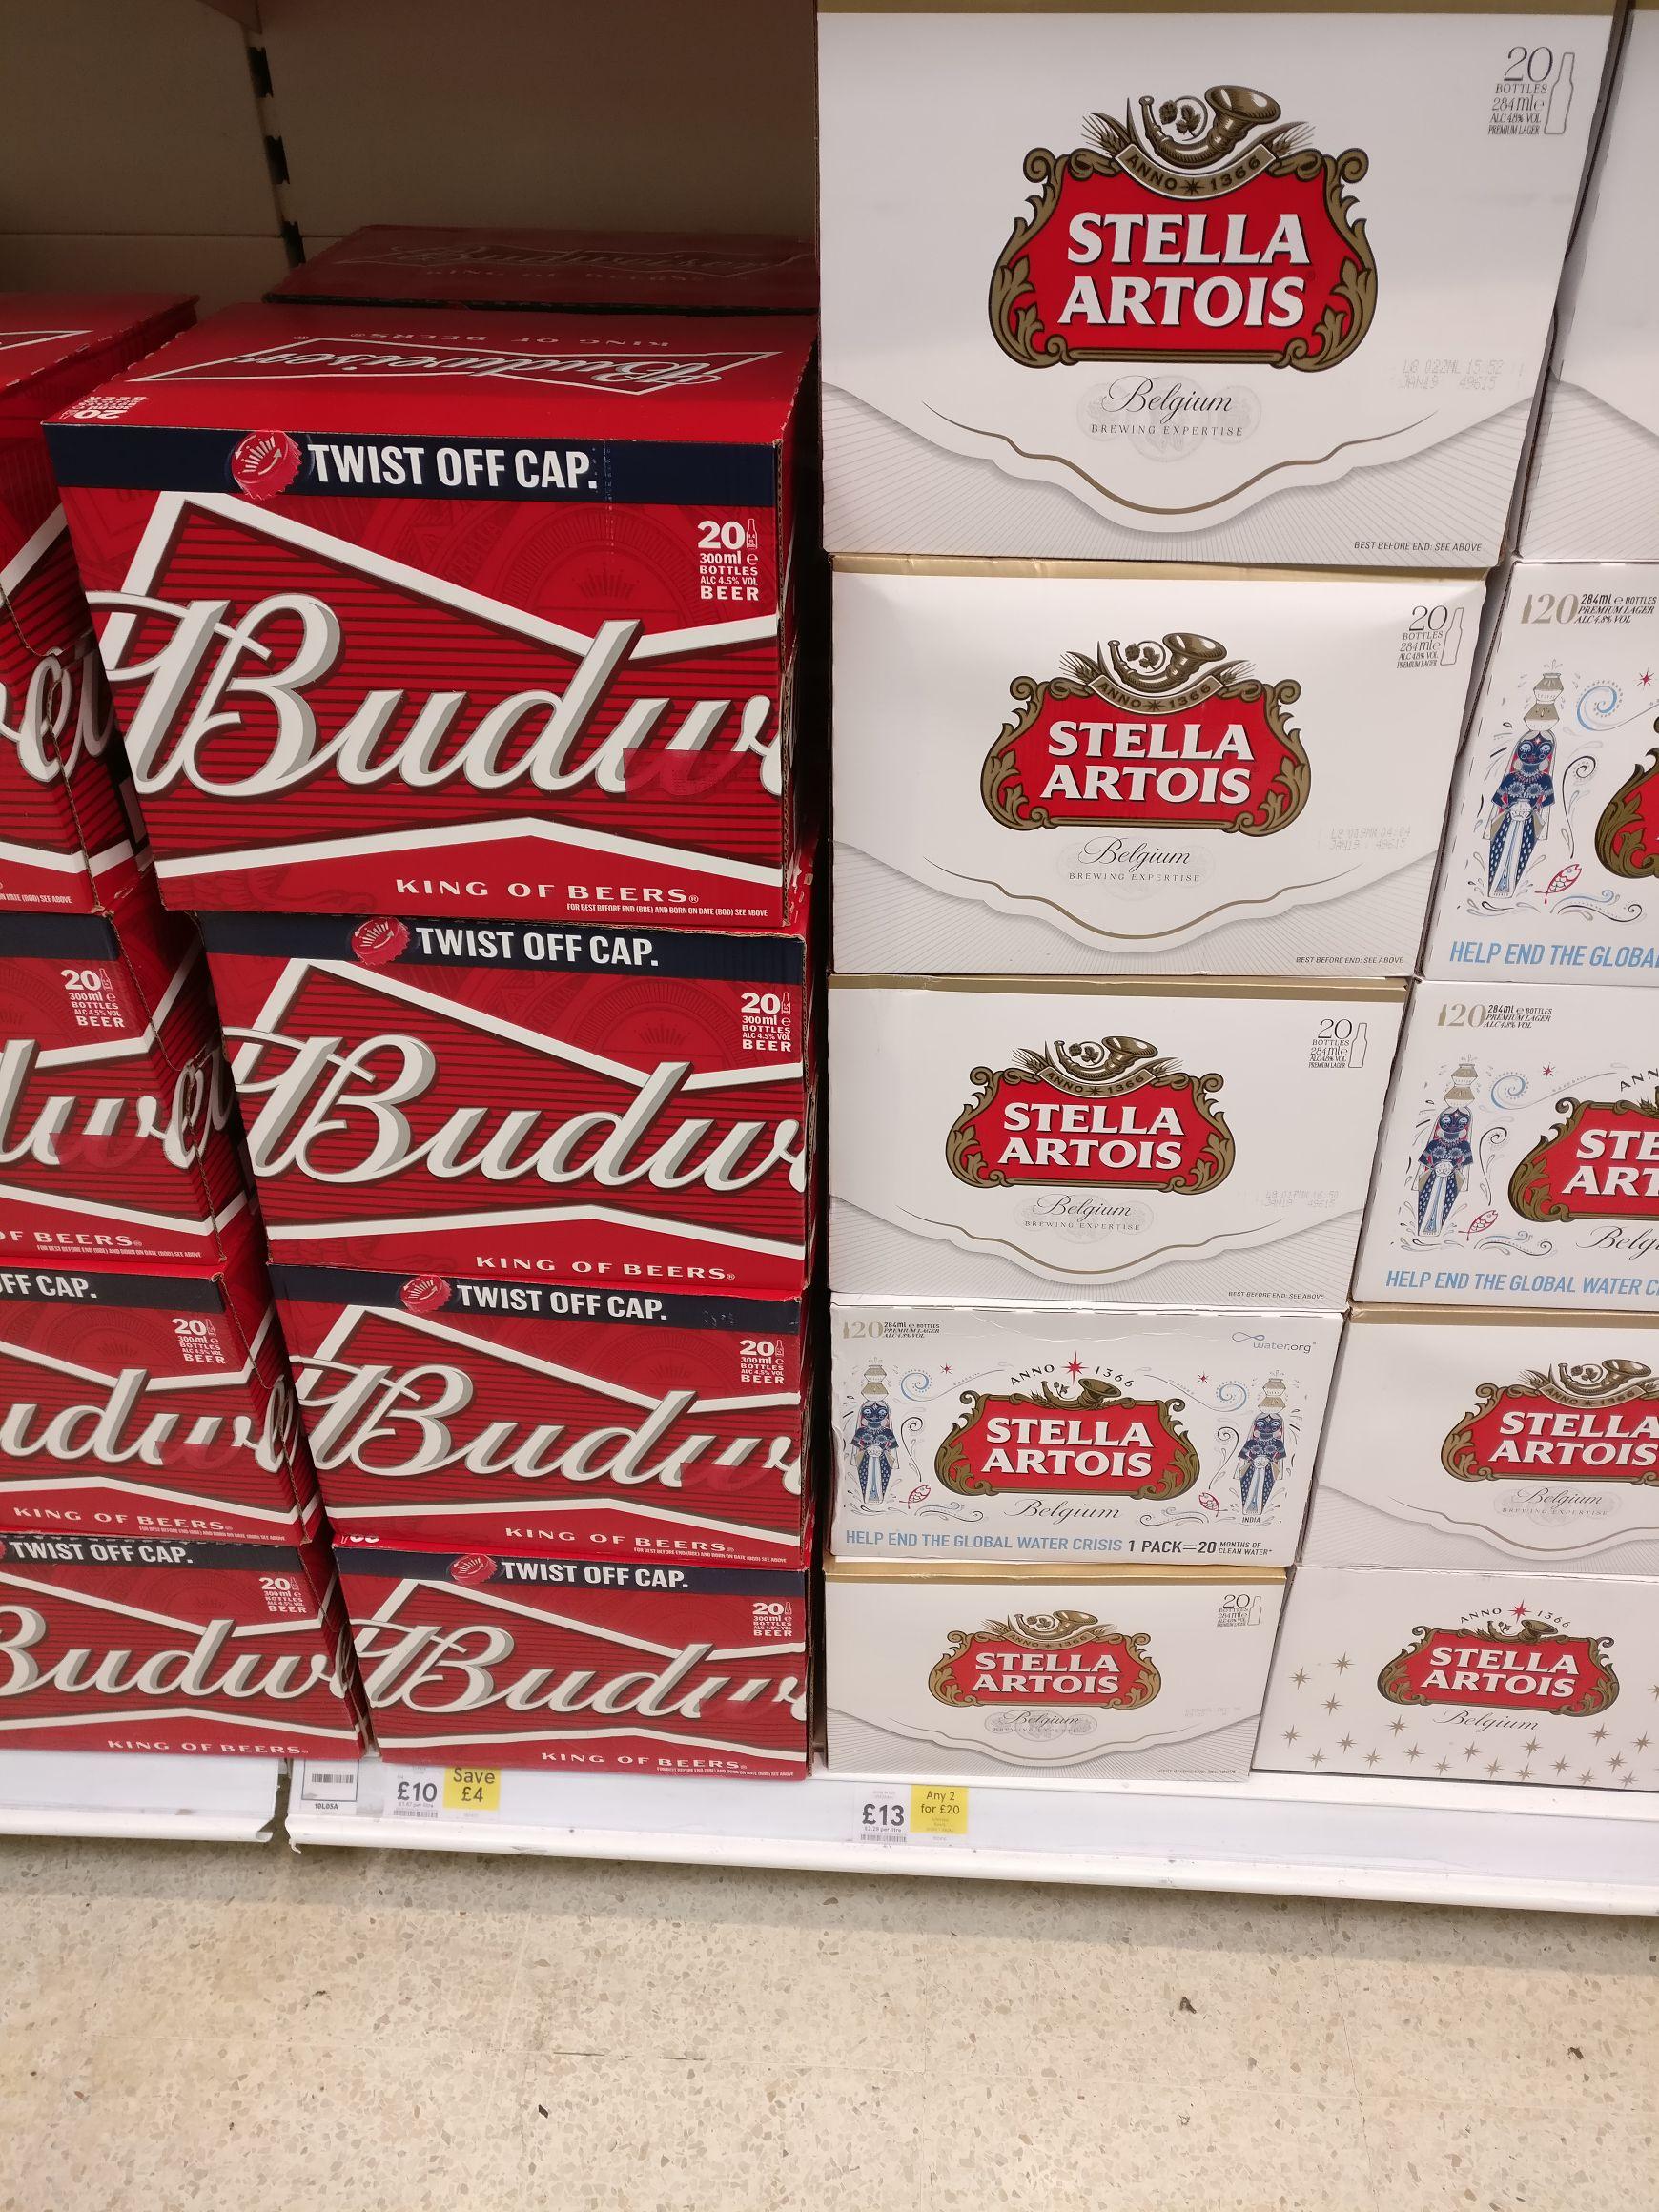 2x20 Stella Beer Just £20 or 1x20 Budwiser Beer £10 @Tesco